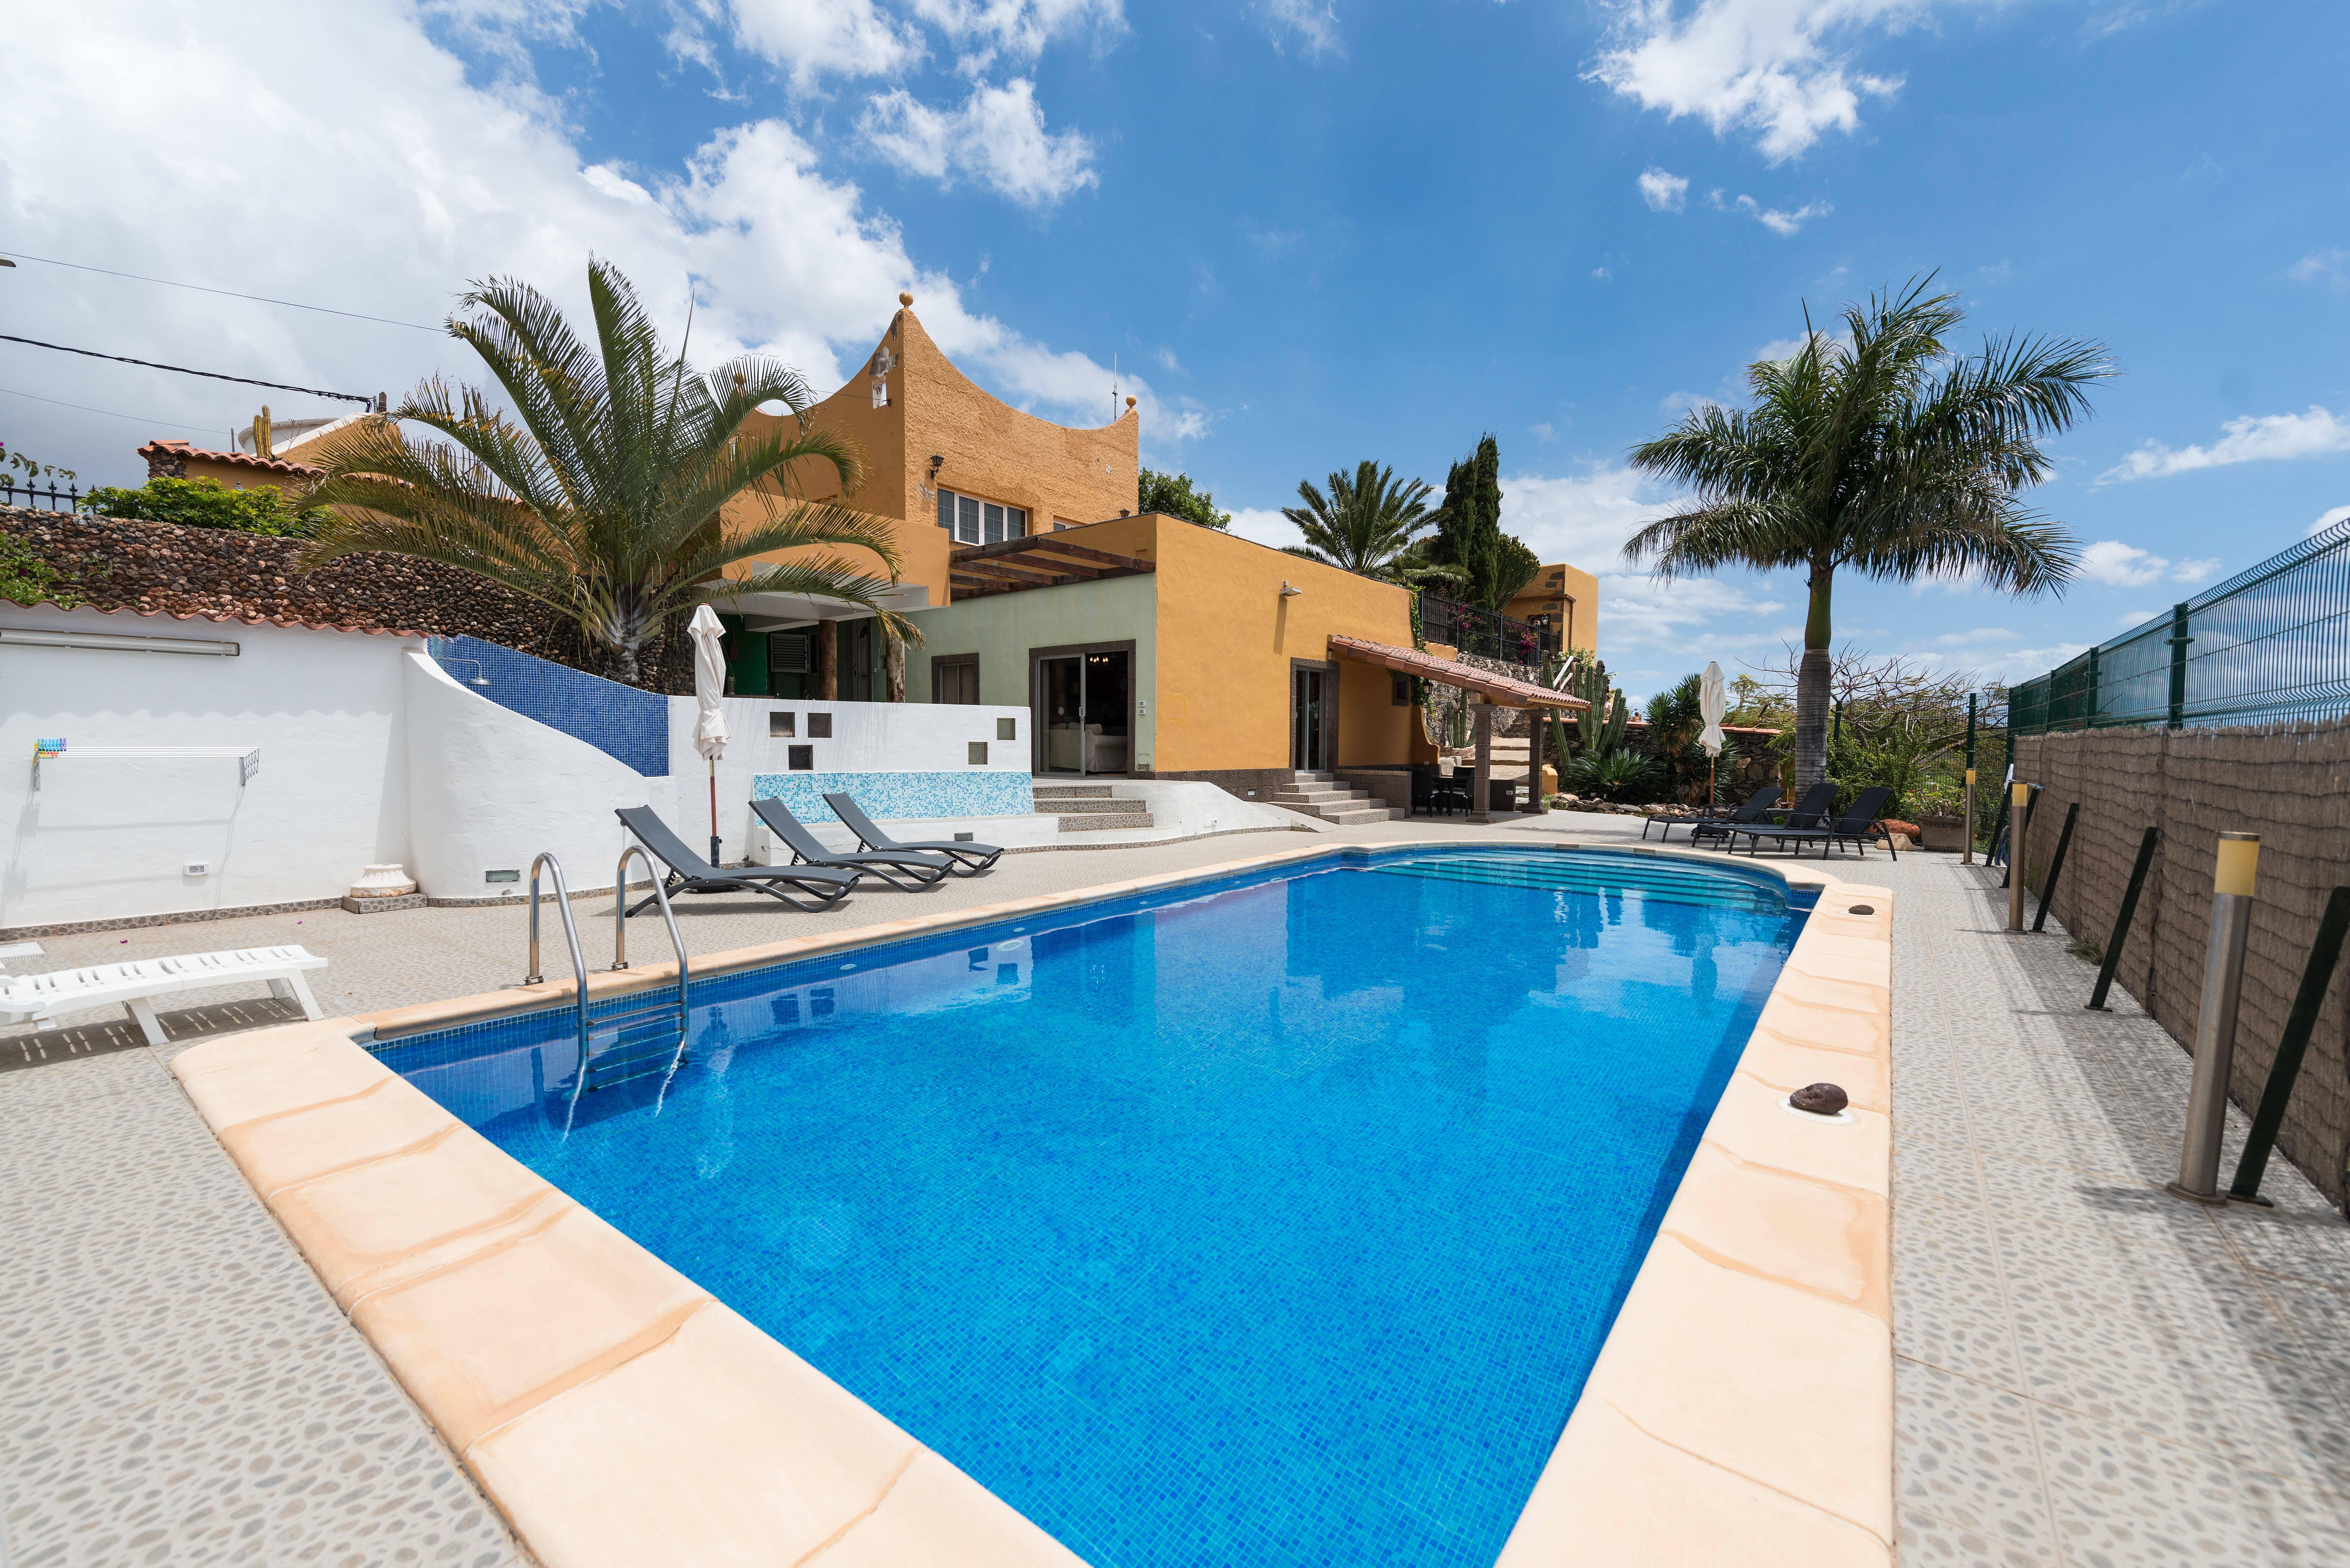 Villa la atl ntida entre ingenio y ag imes lomo del for Casas rurales con piscina baratas